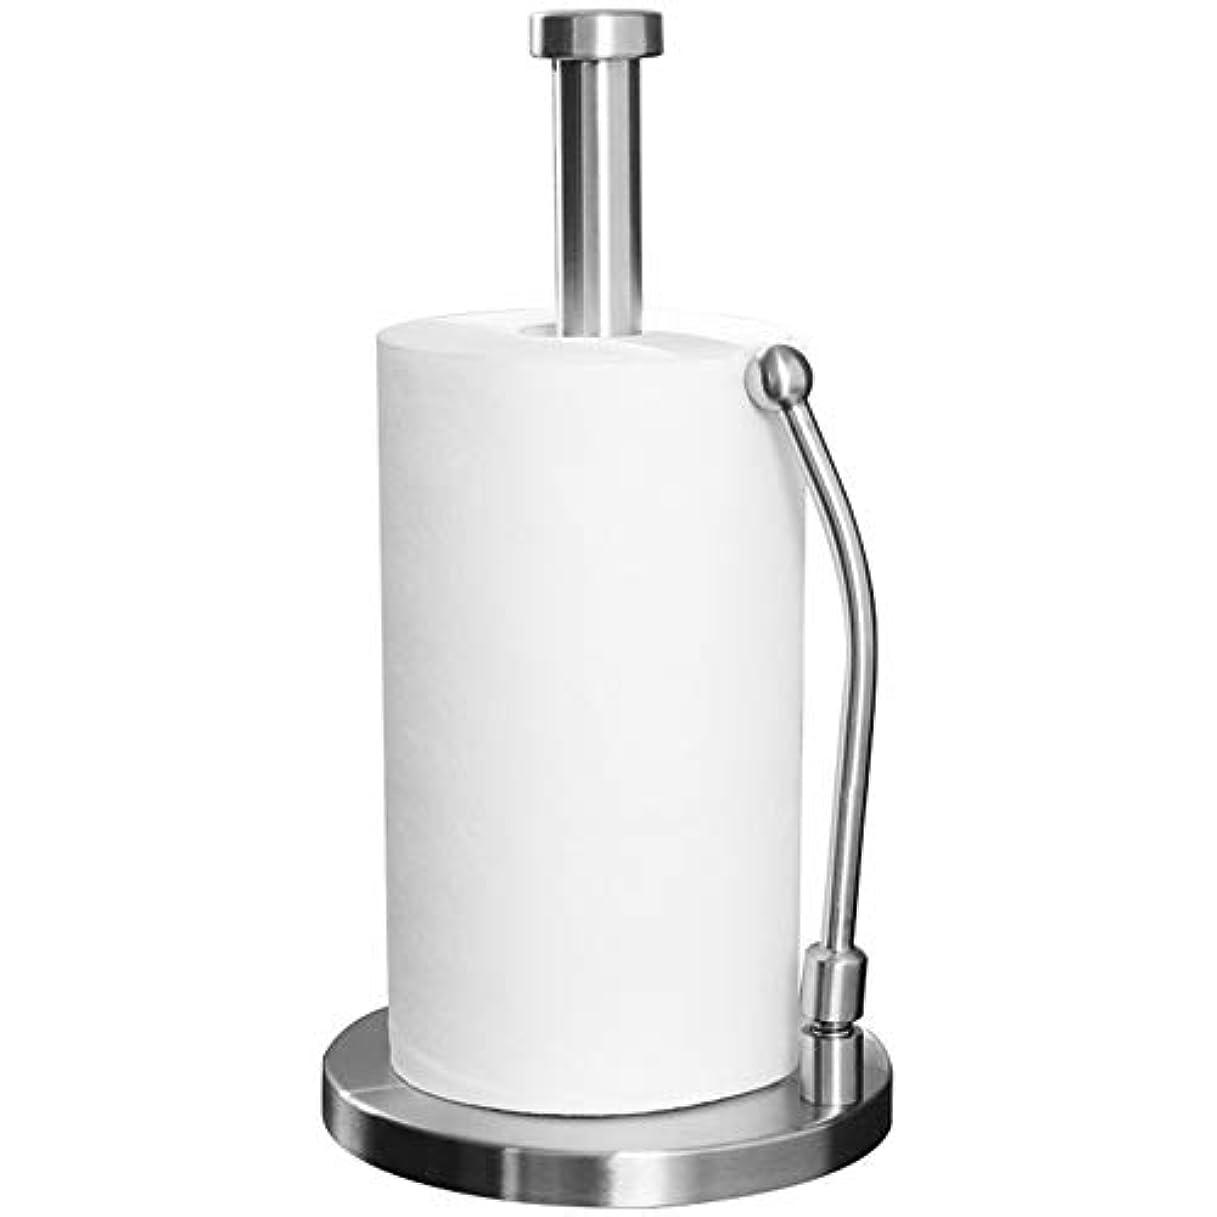 安全性電話するエコーZZLX 紙タオルホルダー、ステンレス鋼プラスボールドダブルポールキッチン垂直ロールホルダー紙タオルホルダー ロングハンドル風呂ブラシ